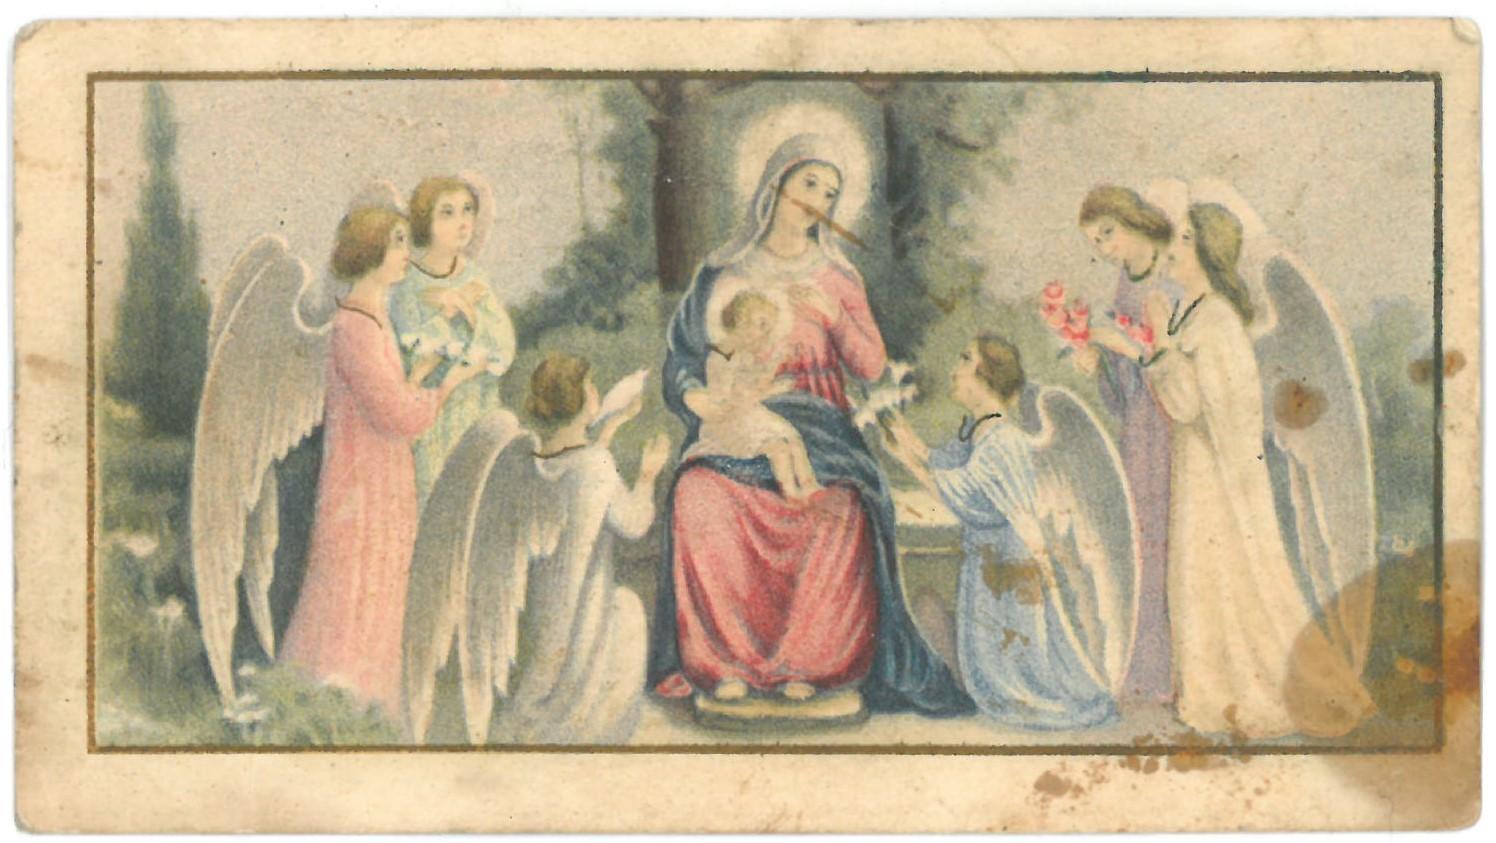 Religinis paveikslėlis. Švč. Mergelė Marija ir Kūdikis su angelais